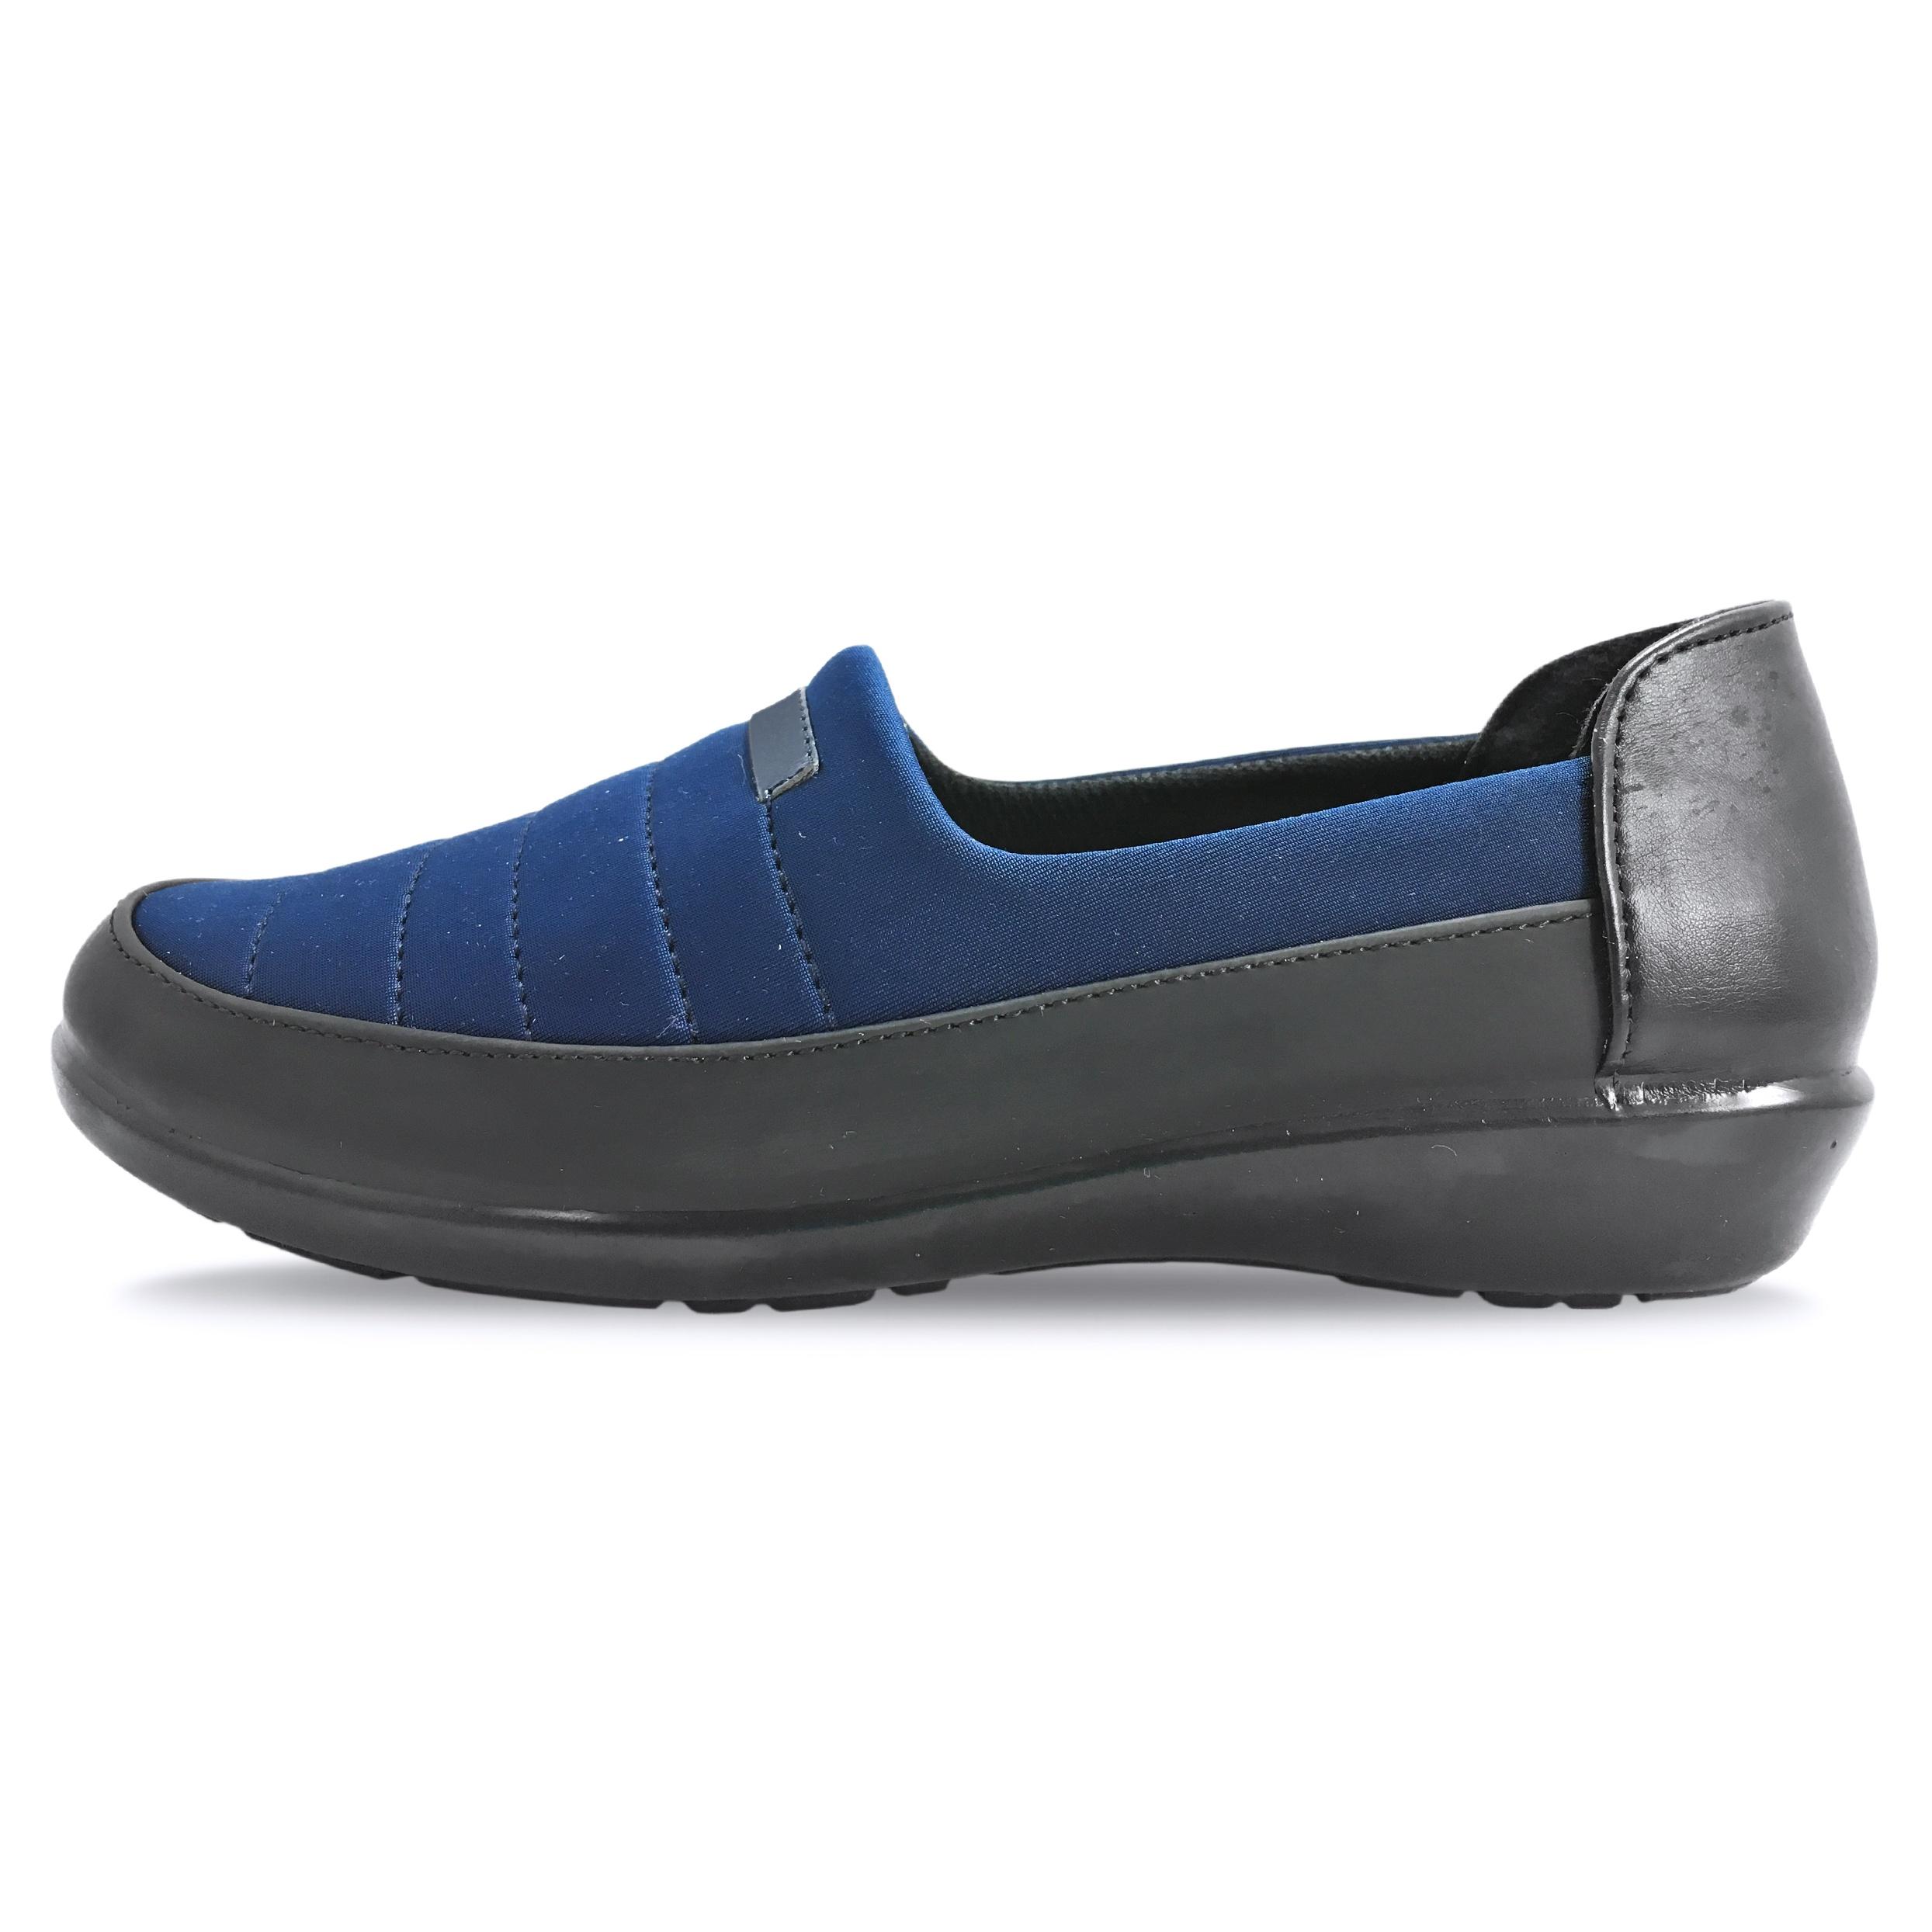 کفش راحتی زنانه مدل باران کد 3879